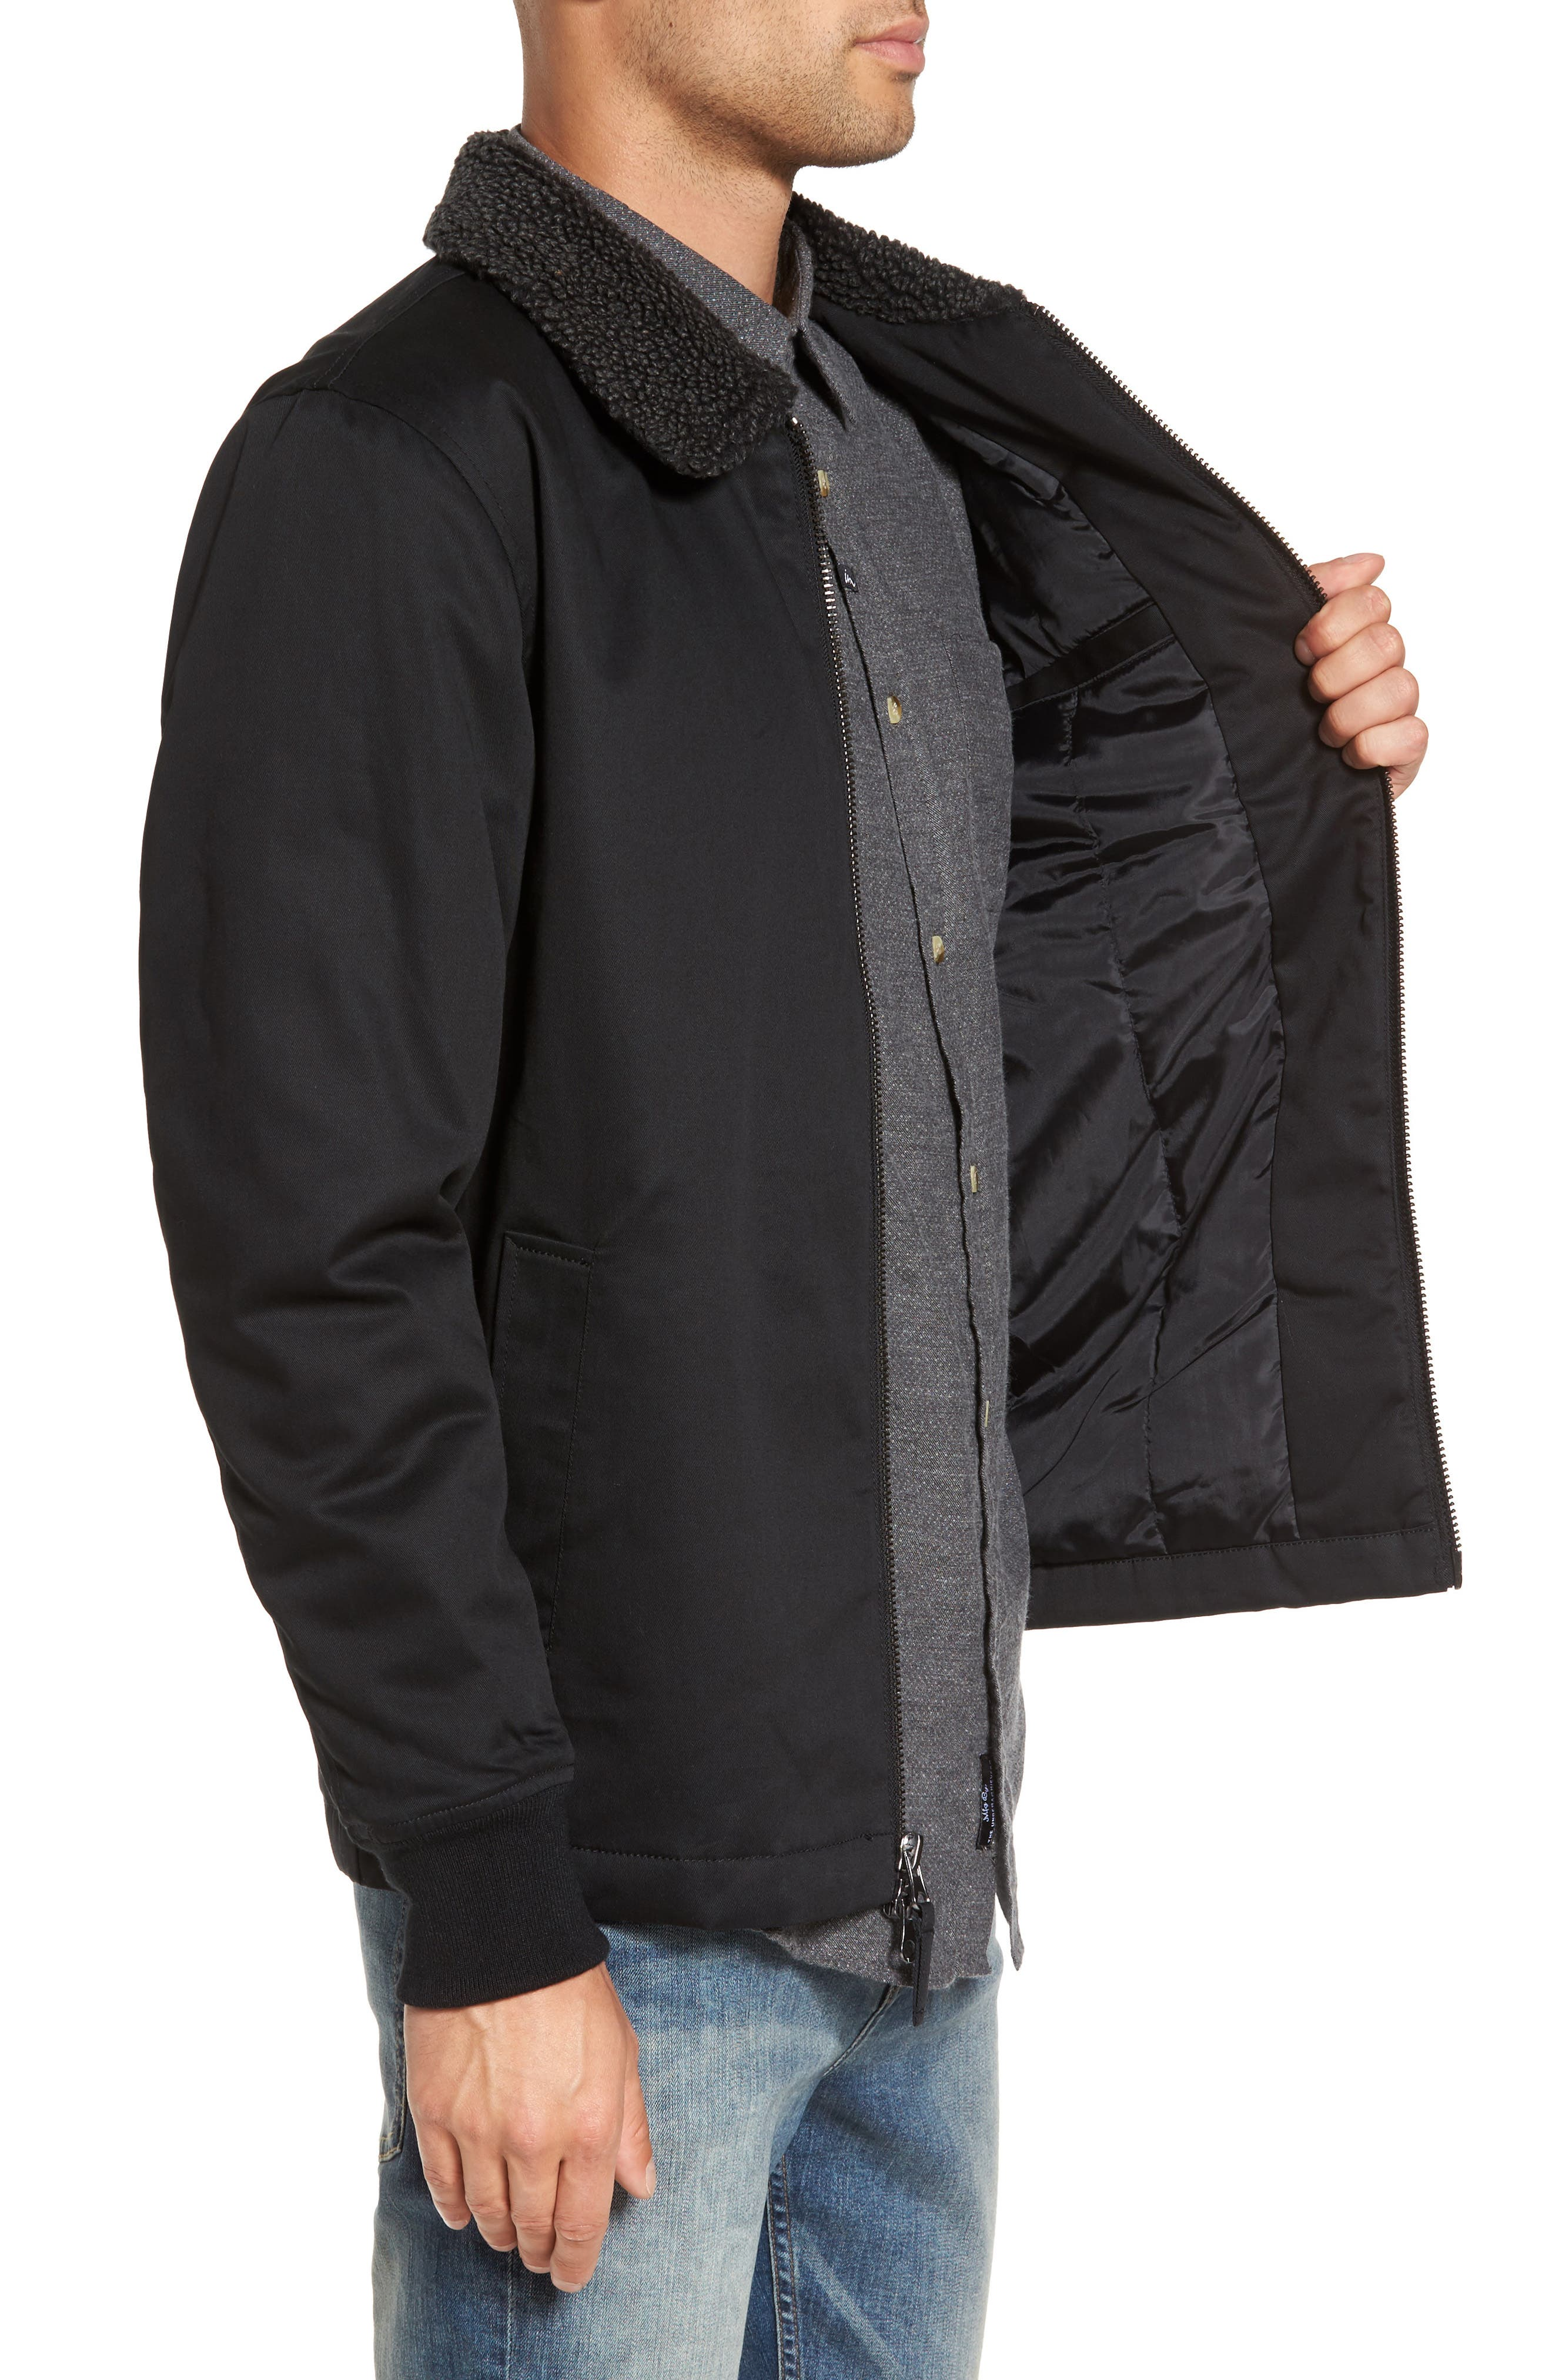 Maddox Jacket,                             Alternate thumbnail 3, color,                             001